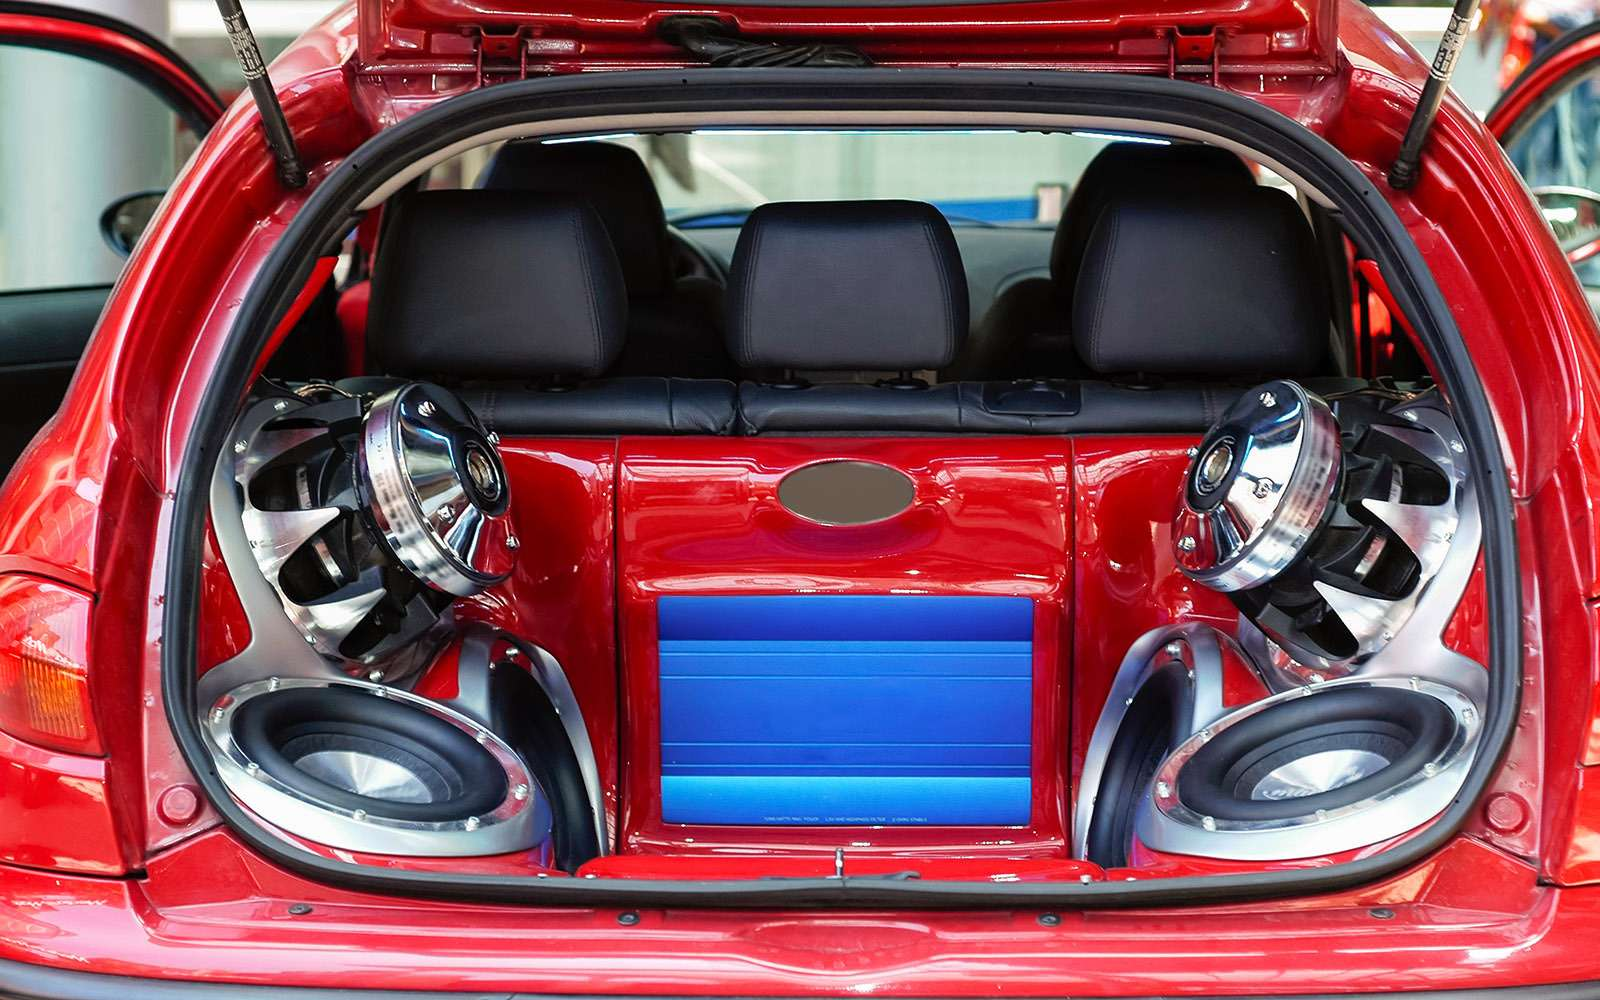 Тюнинг вне закона: что нельзя переделывать вавтомобилях— фото 842304